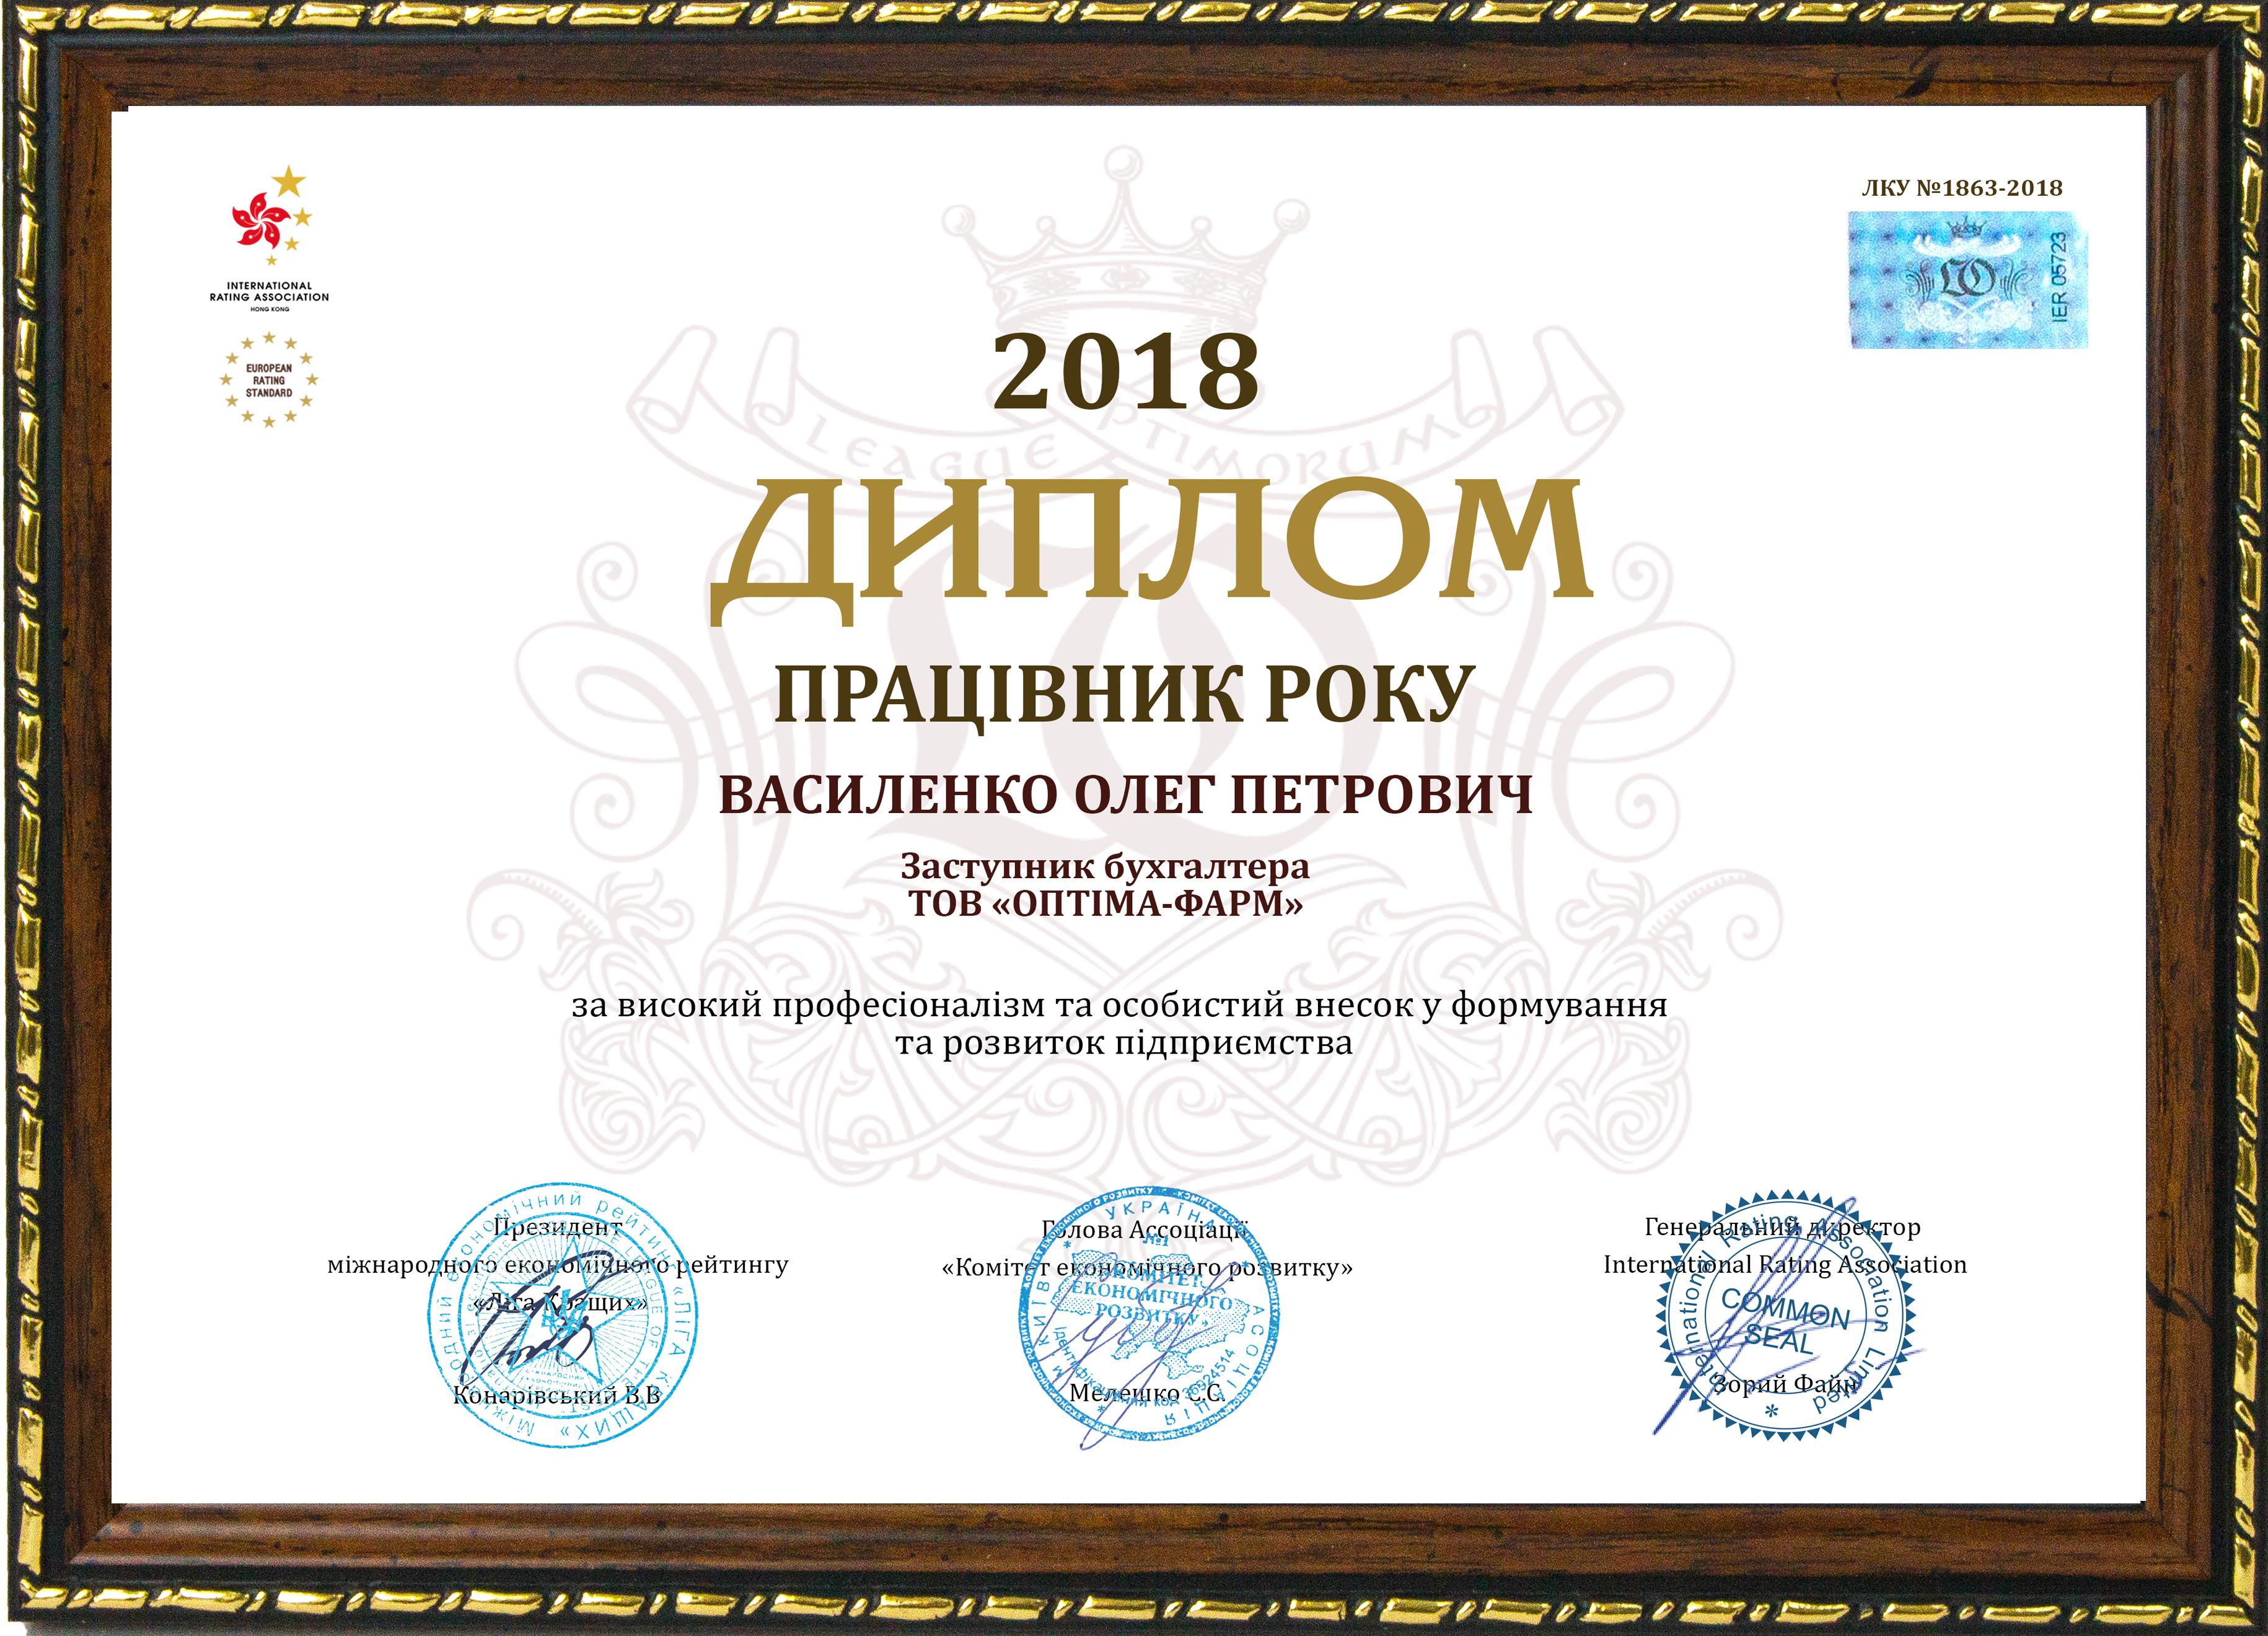 Особистий національний диплом «Працівник року-2018»